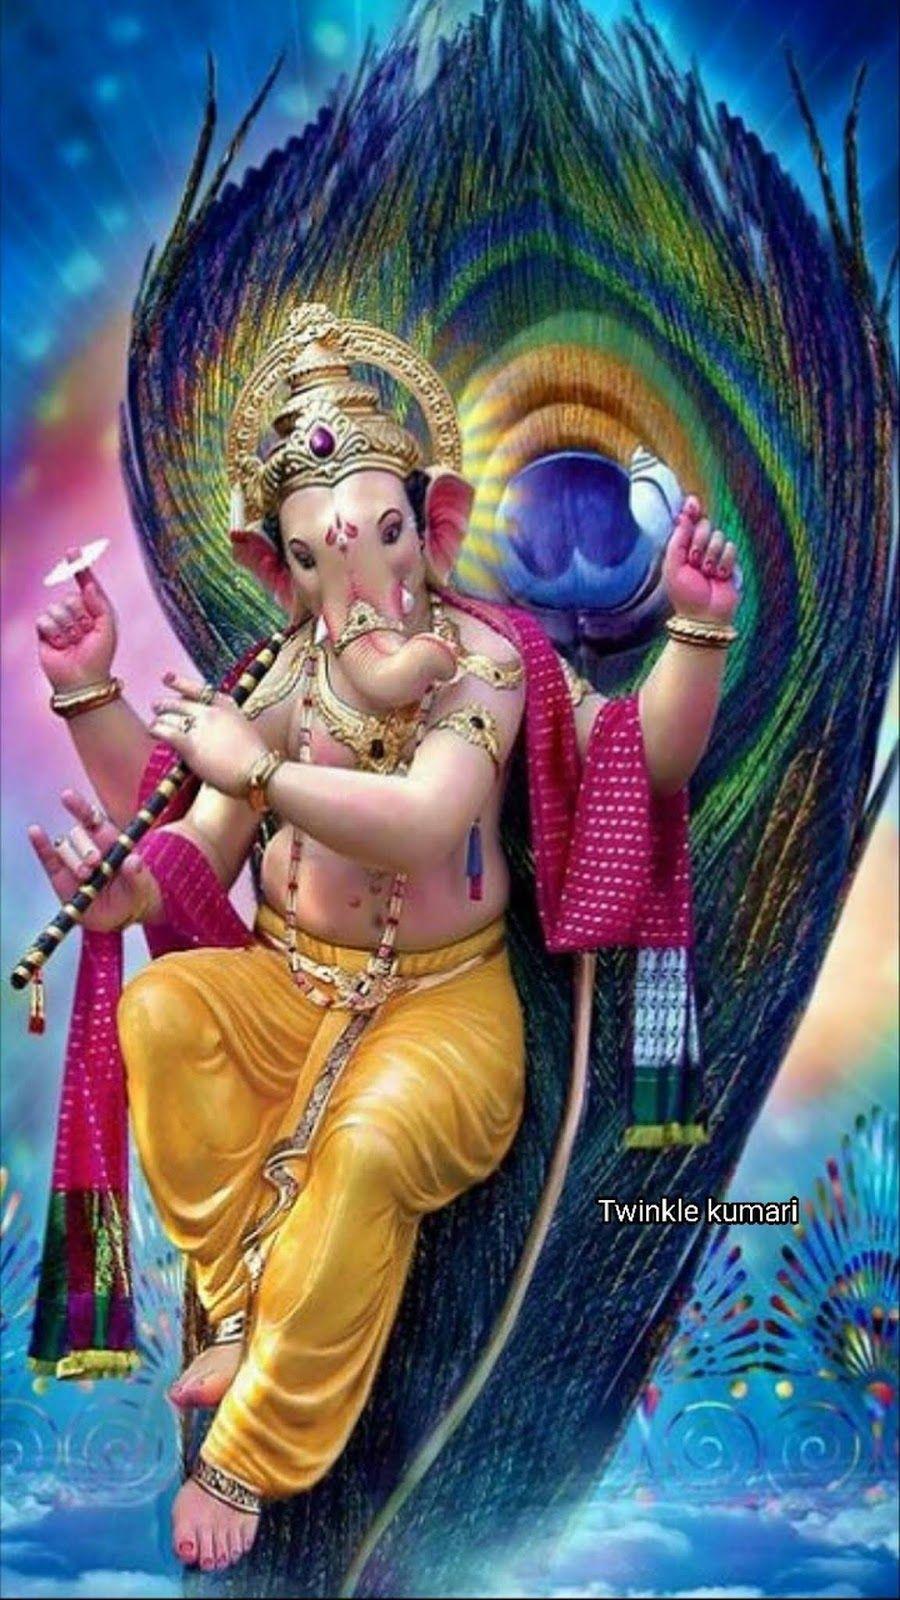 310 Ganpati Bappa Images Free Download Full Hd Pics Photo Gallery And Wallpapers 2019 Happ In 2020 Ganpati Bappa Photo Ganesh Wallpaper Ganpati Bappa Wallpapers